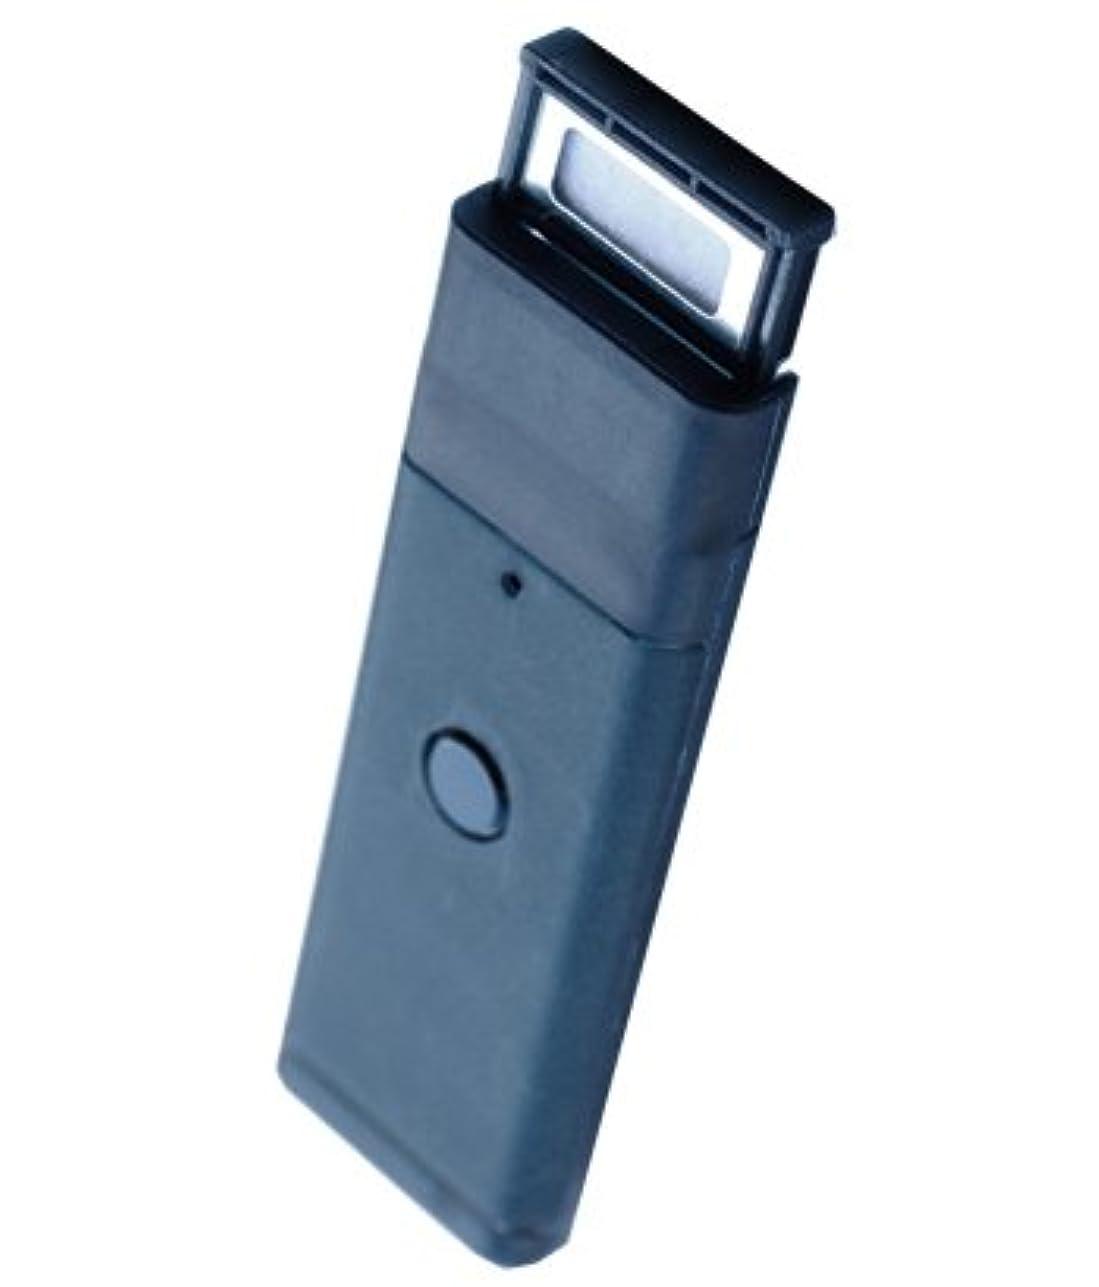 アンティークバター申込み携帯アロマディフューザー?カオルスティック/1個